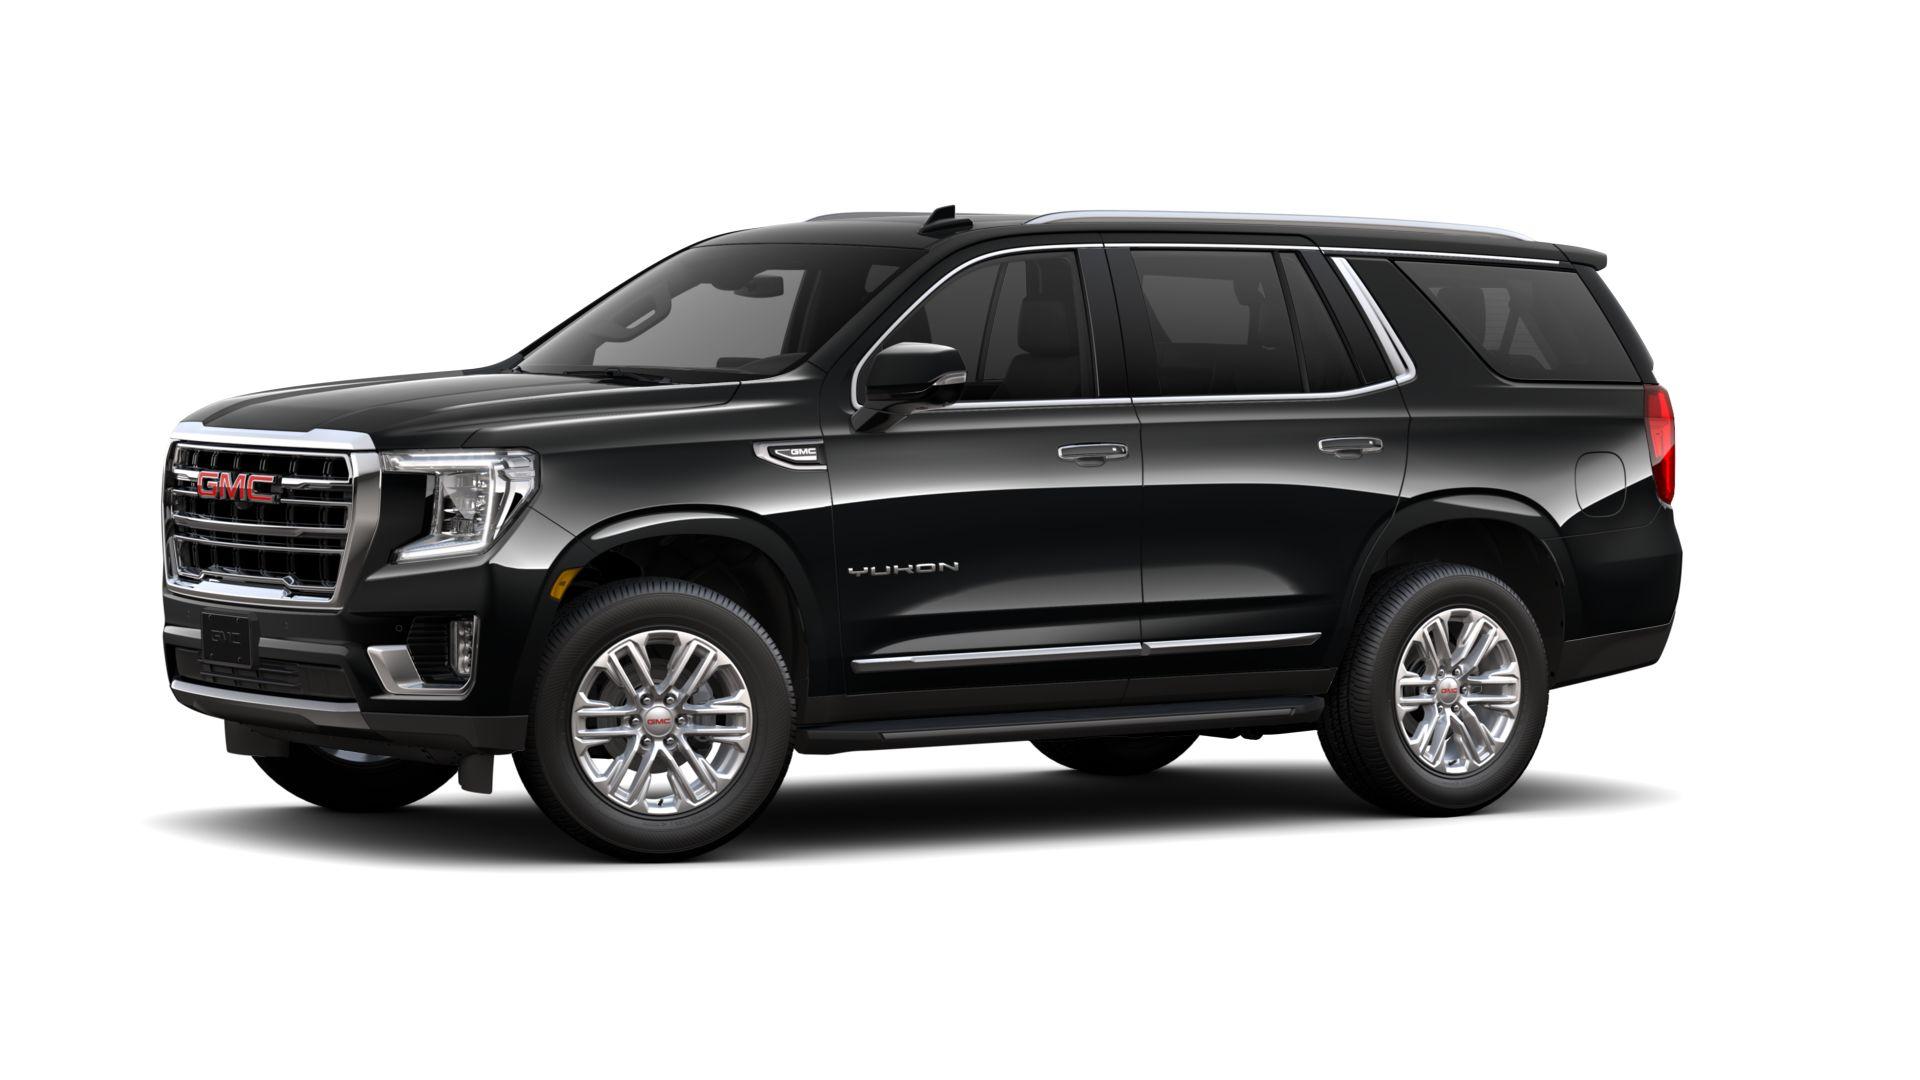 2021 Yukon SLT AWD $775